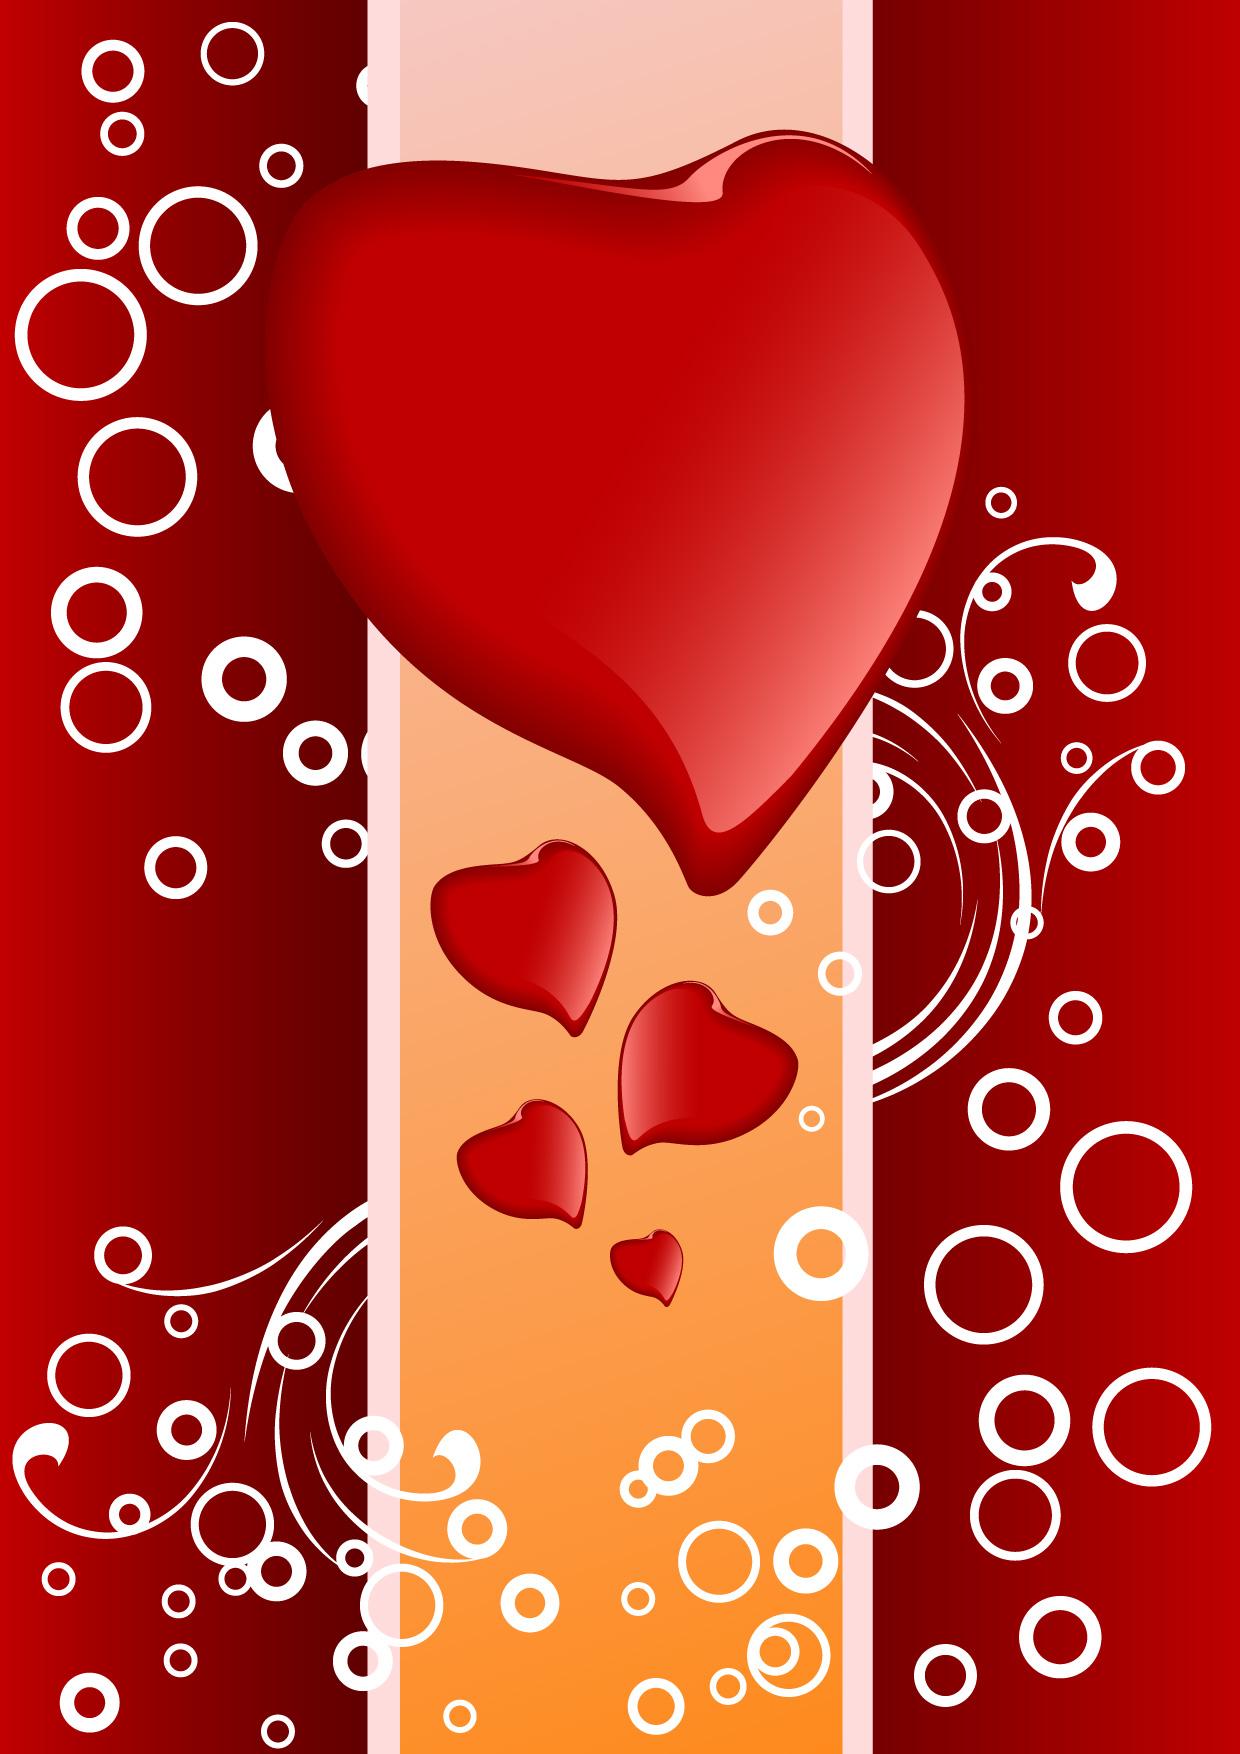 cuori – hearts_7